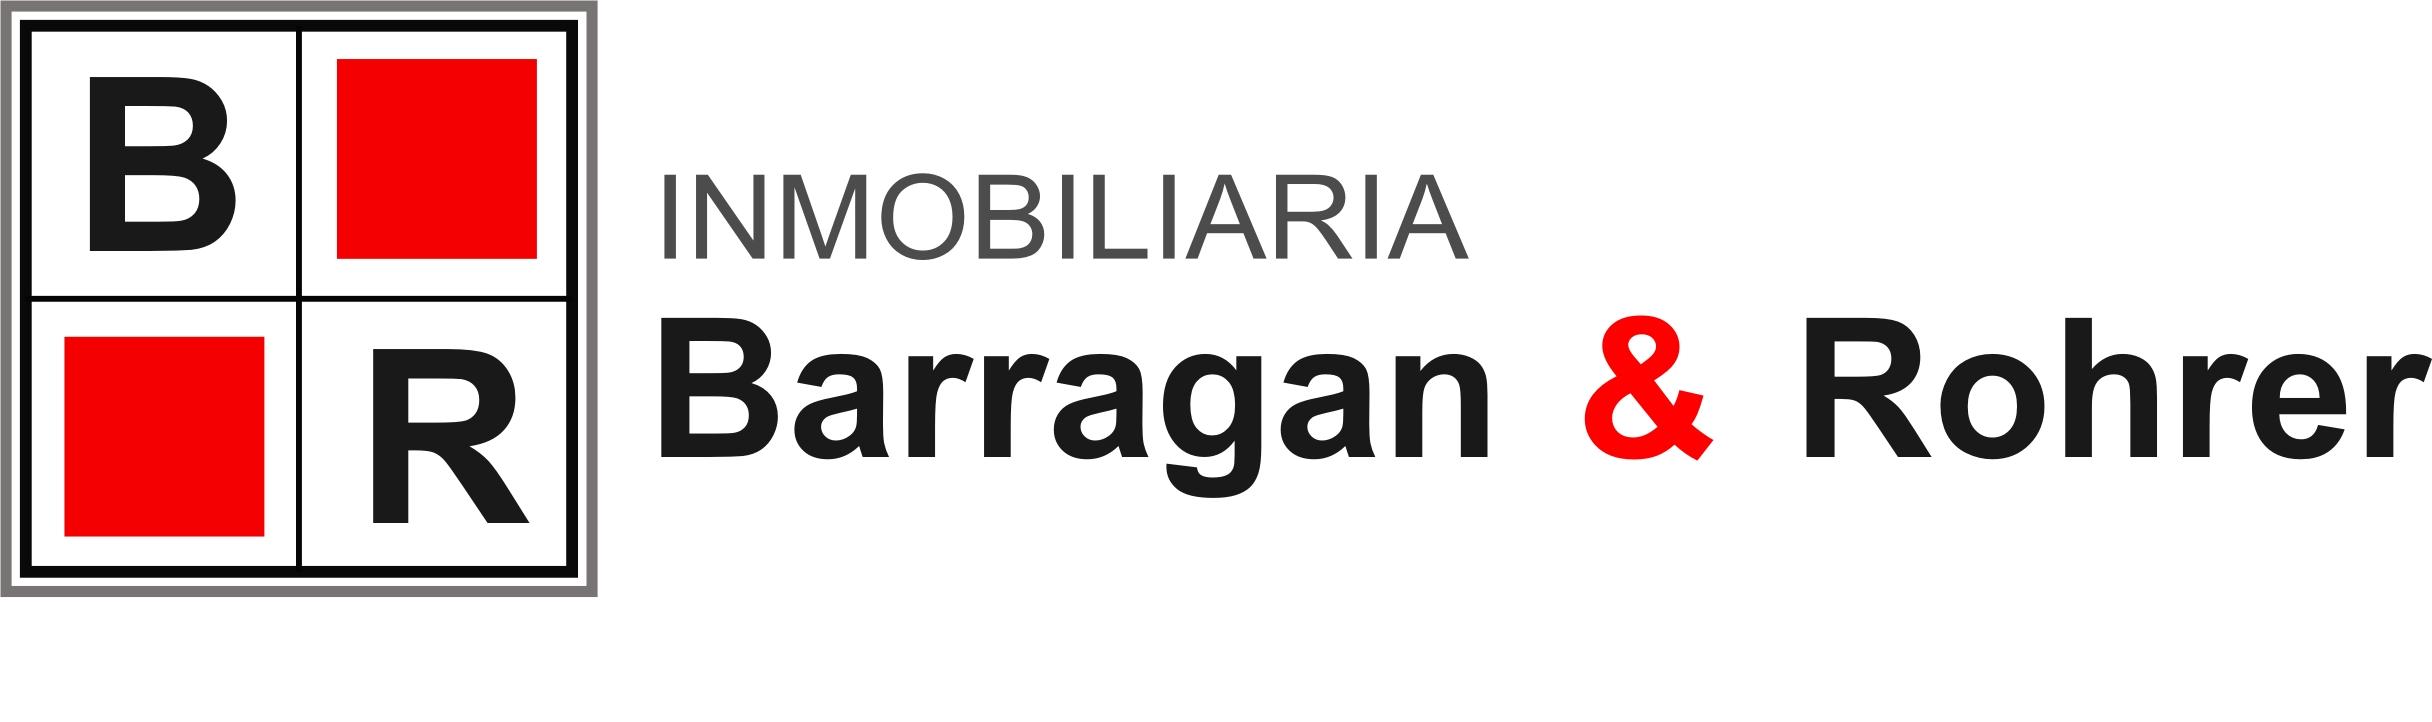 INMOBILIARIA BARRAGAN & ROHRER